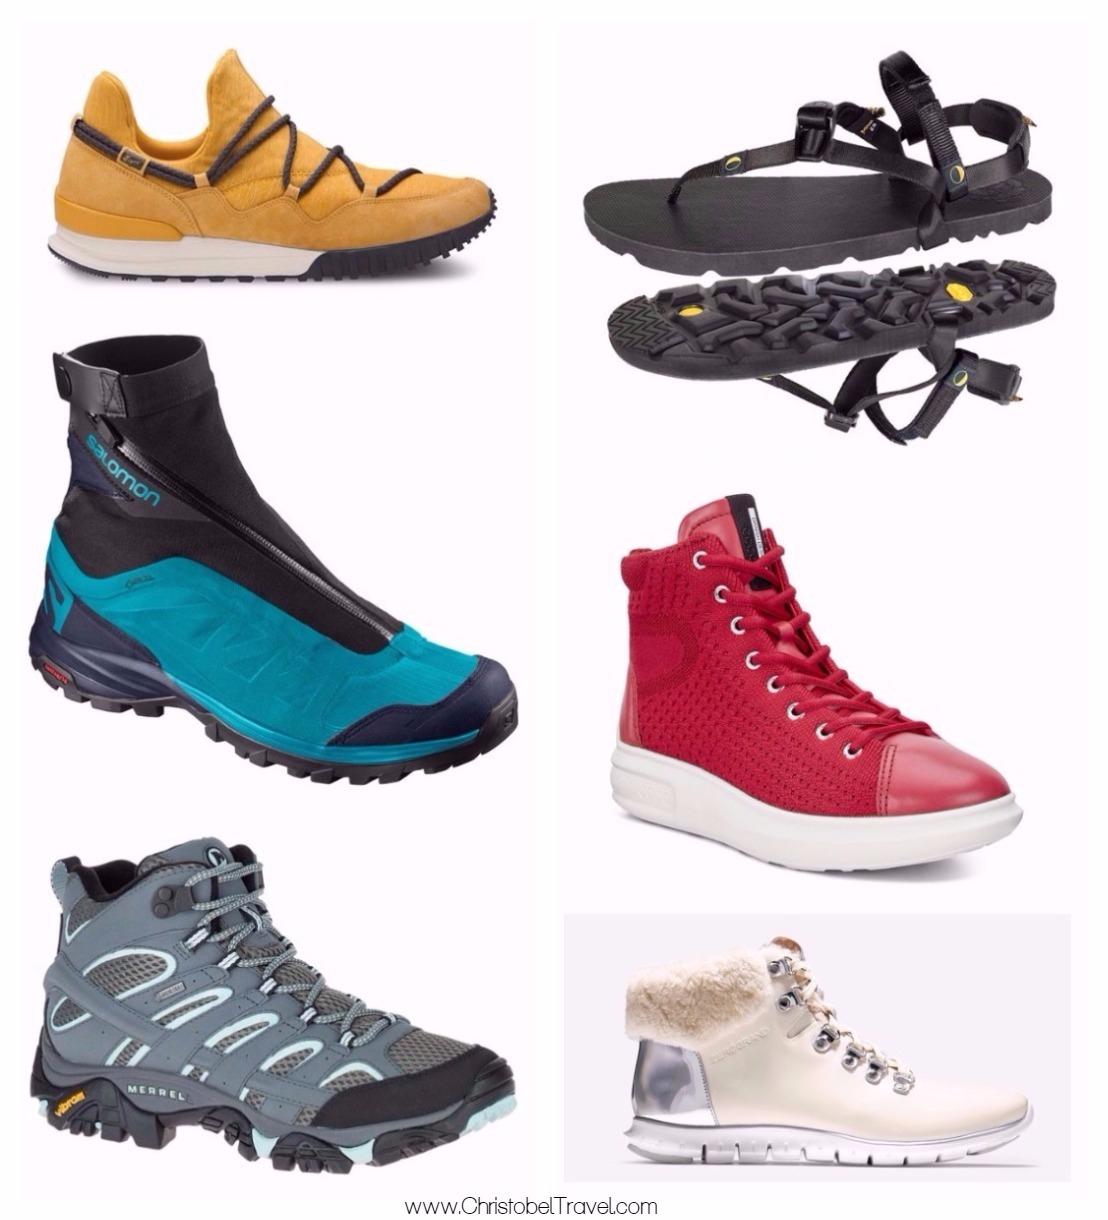 Stylish good walking shoes catalog photo